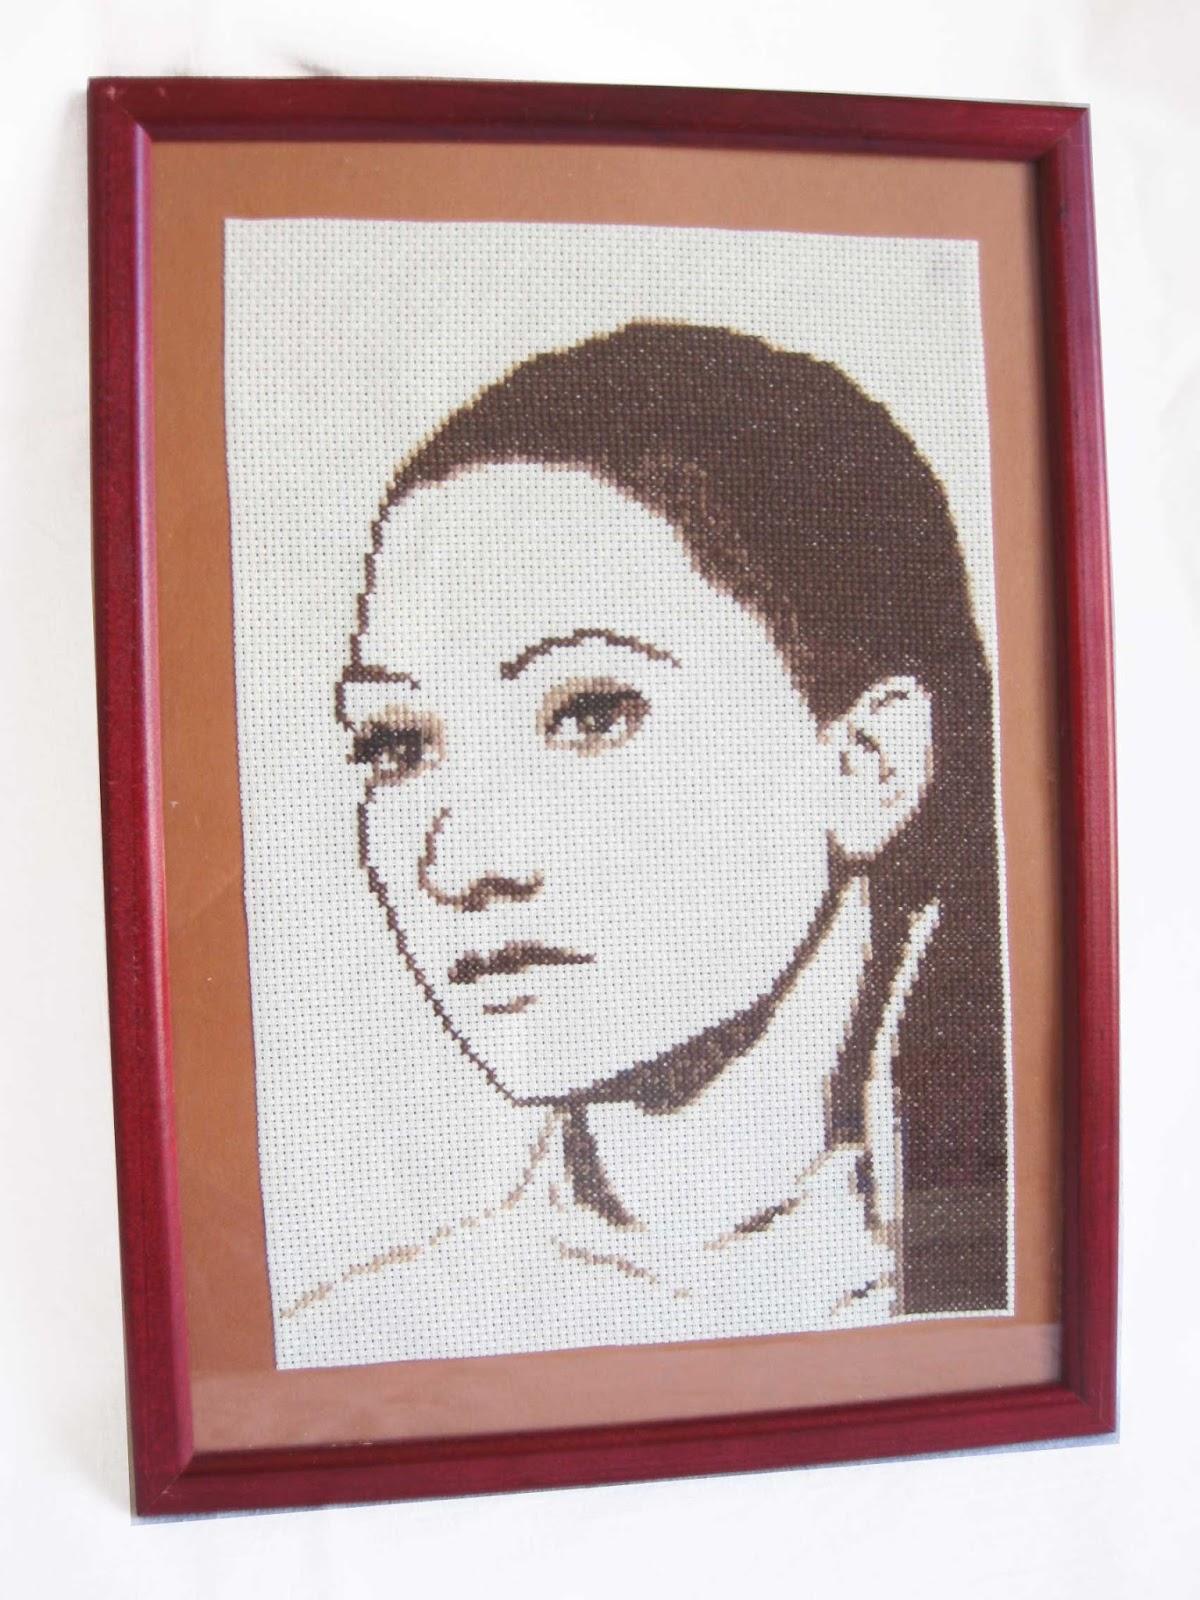 Как создать схему вышивки портрета крестиком. МАСТЕР КЛАСС, схема 93